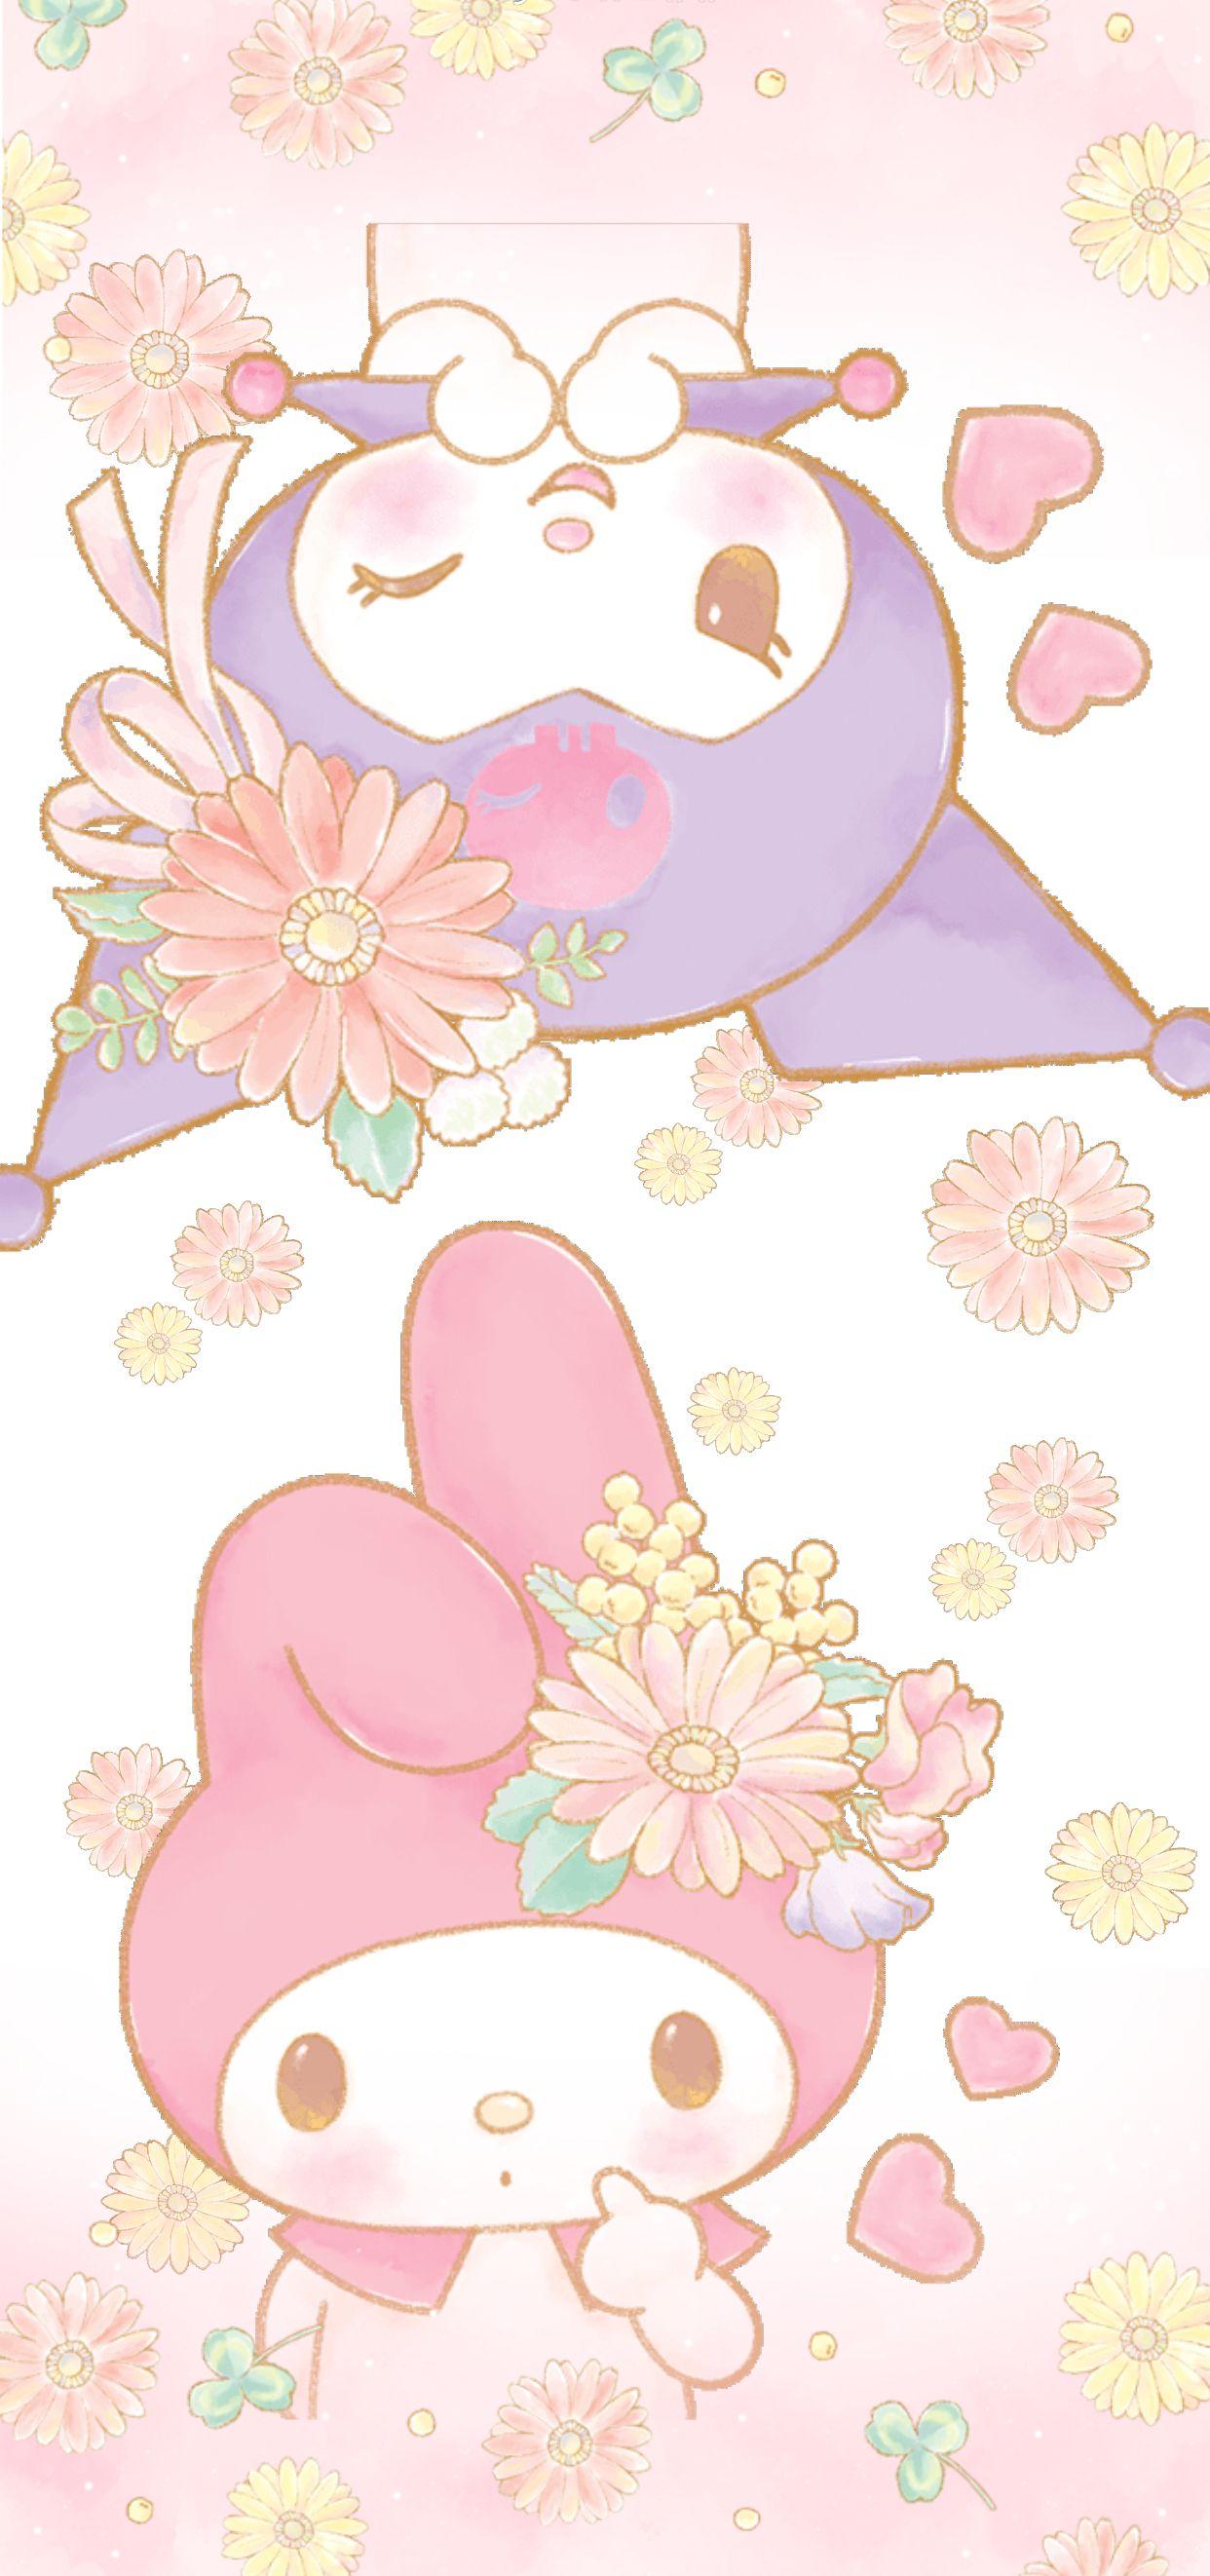 𝕄𝕪 𝕄𝕖𝕝𝕠𝕕𝕪 𝕂𝕦𝕣𝕠𝕞𝕚 𝕨𝕒𝕝𝕝𝕡𝕒𝕡𝕖𝕣 クロミ 壁紙 刺繍 図案 マイメロ 壁紙